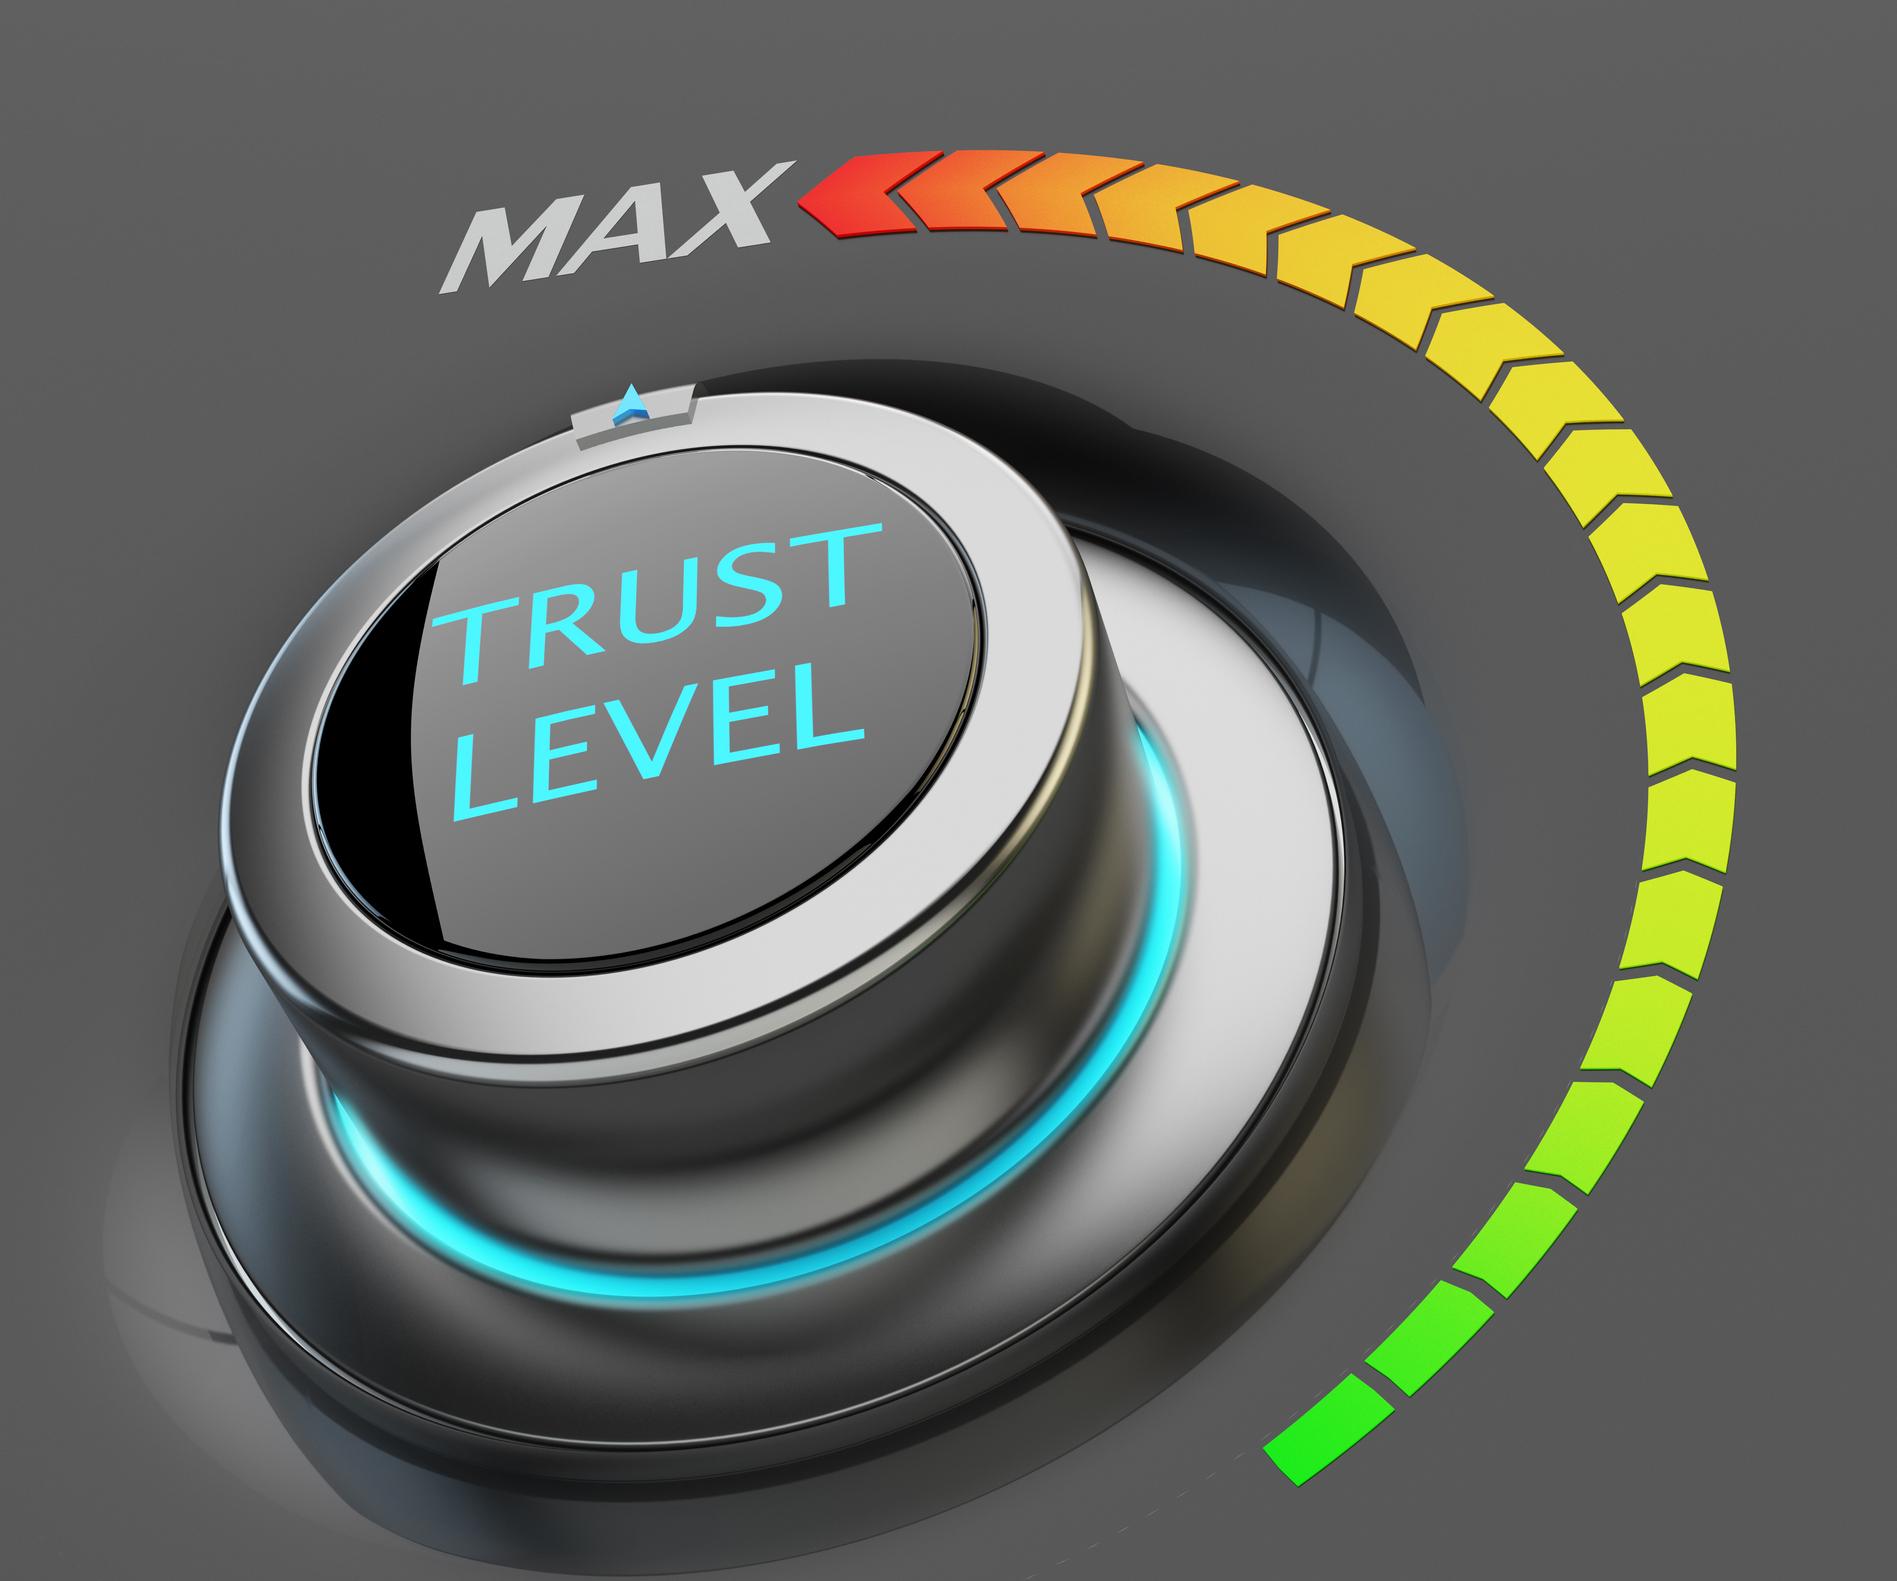 Trustworthy website of authority